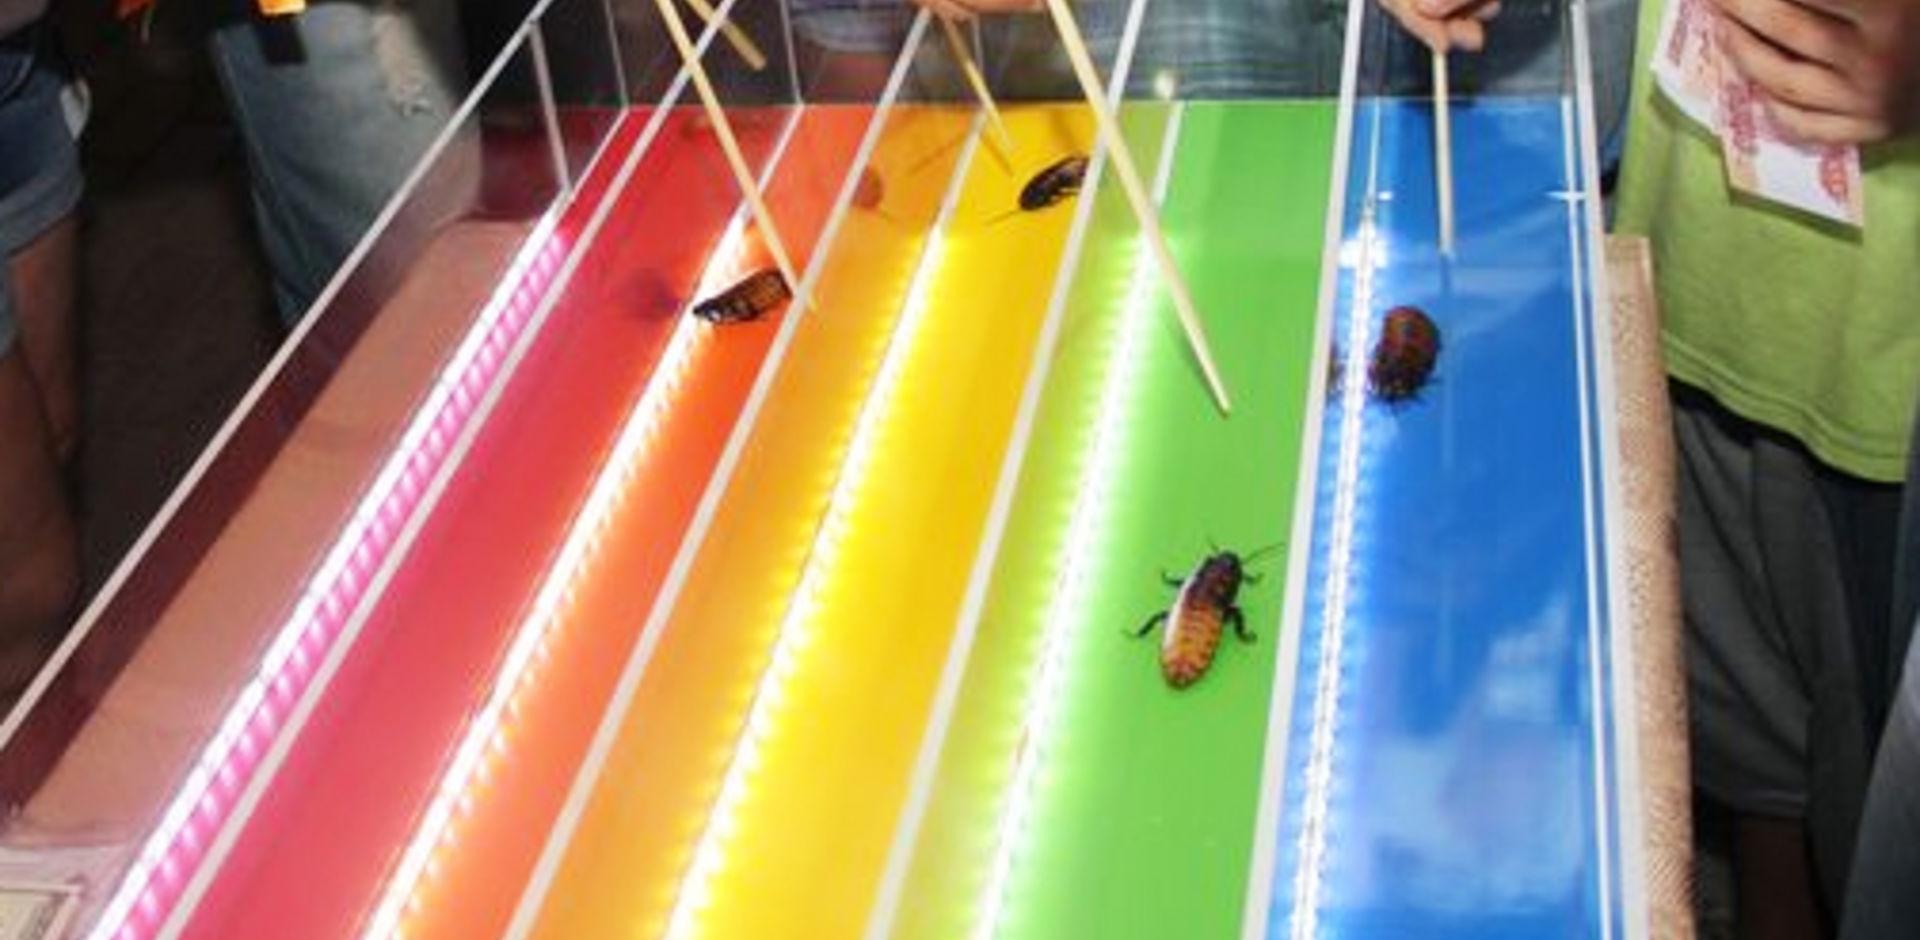 Тараканьи бега: для любителей острых ощущений, правила и варианты забегов, почему это развлечение популярно